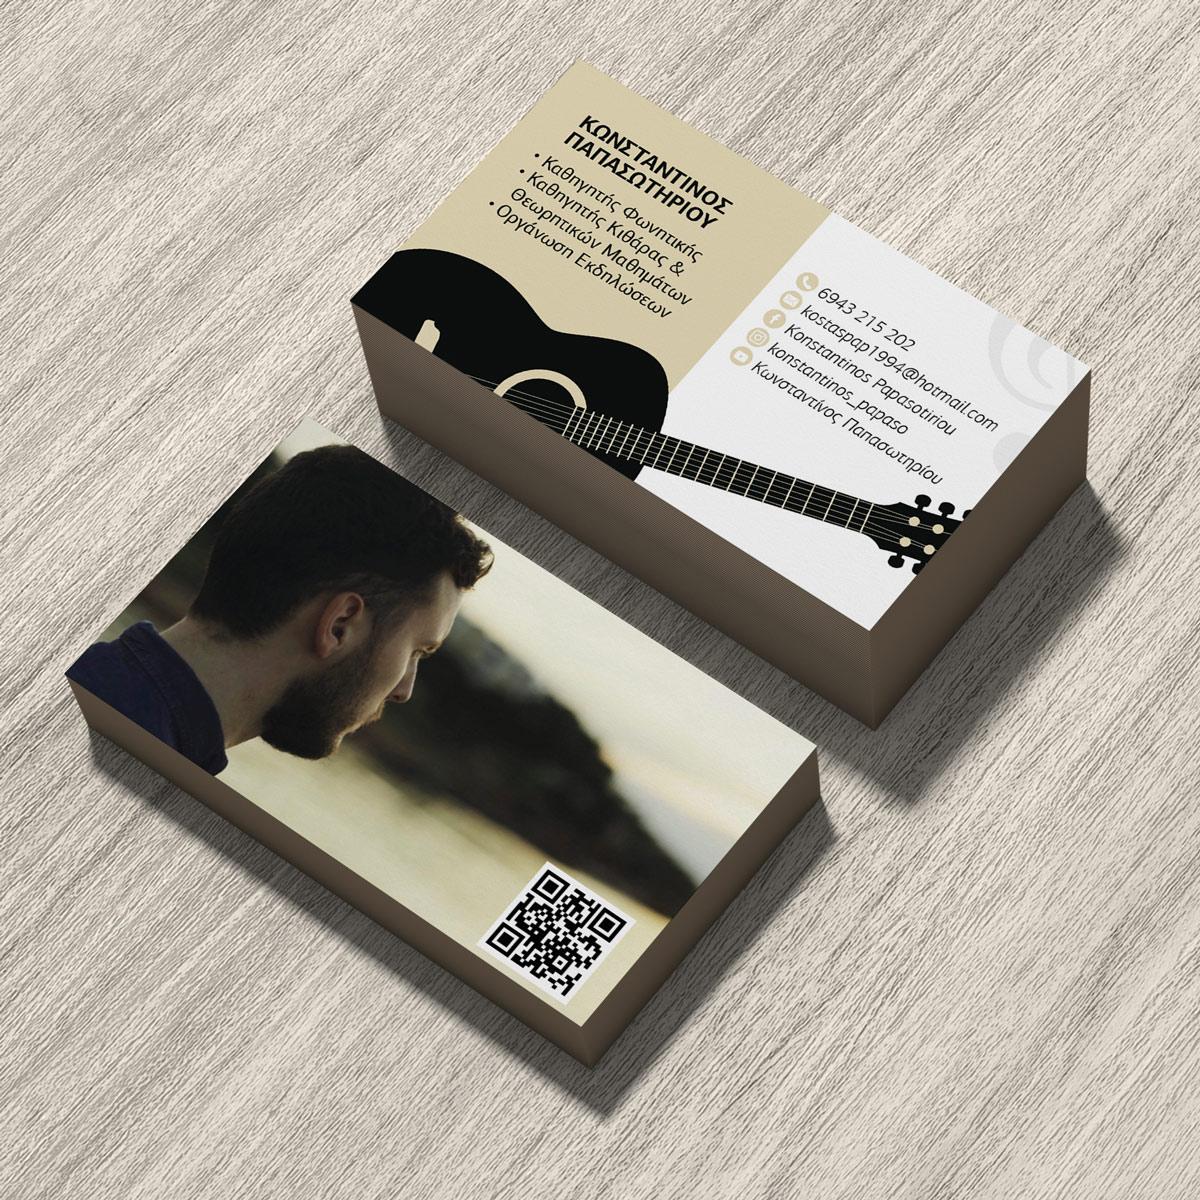 μακέτα κάρτας Παπασωτηρίου